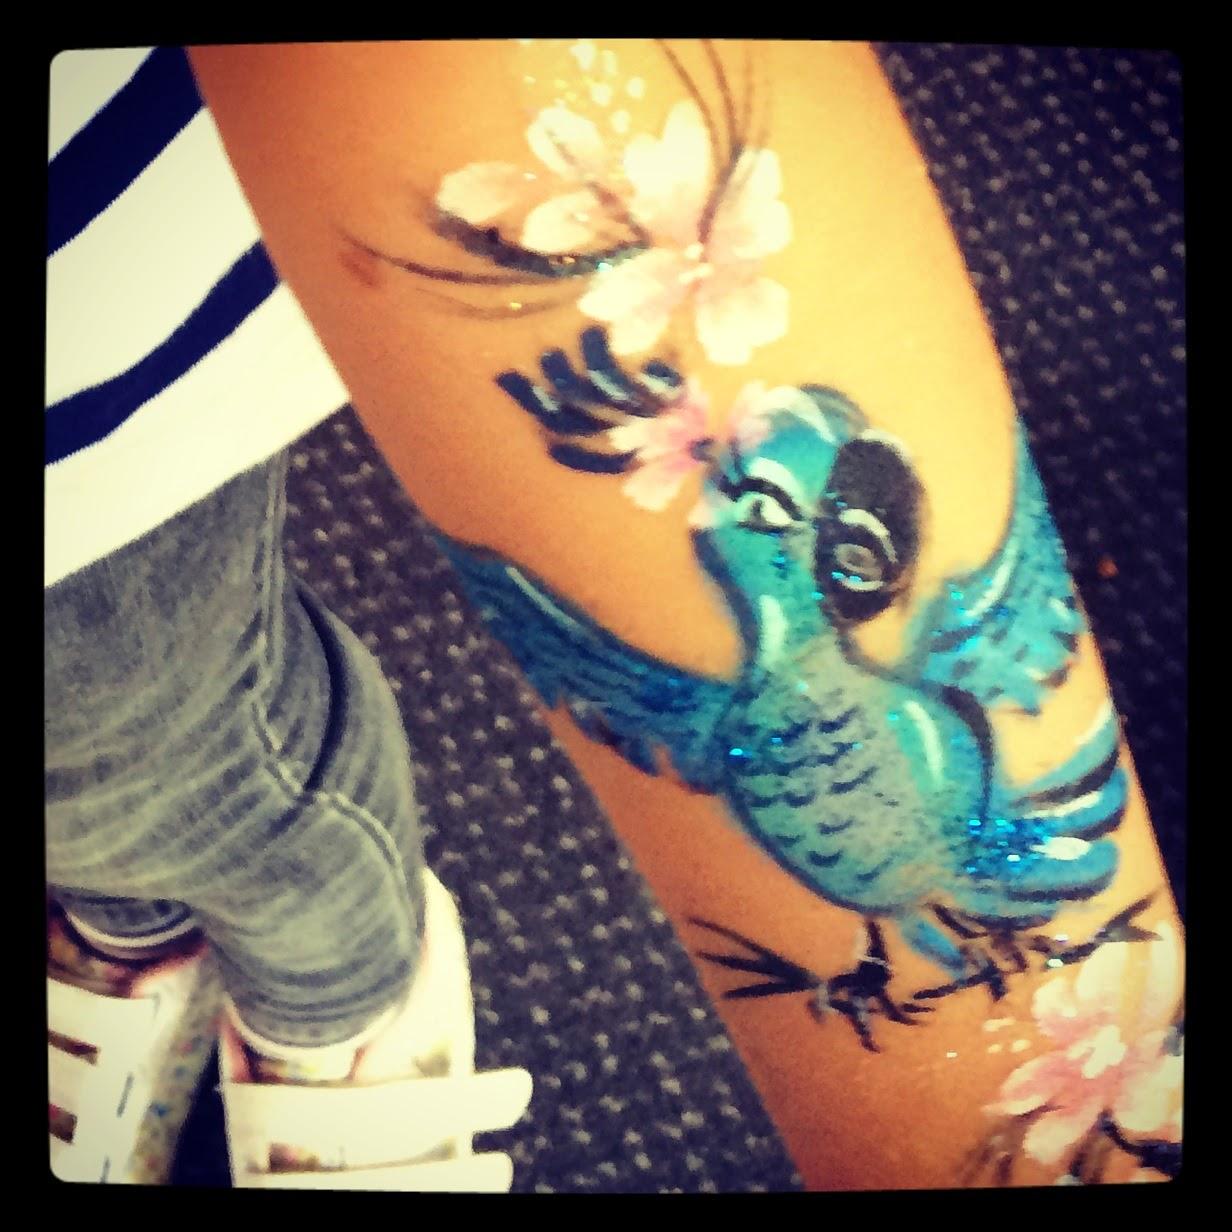 Rio 2 Jewel arm art/tattoo